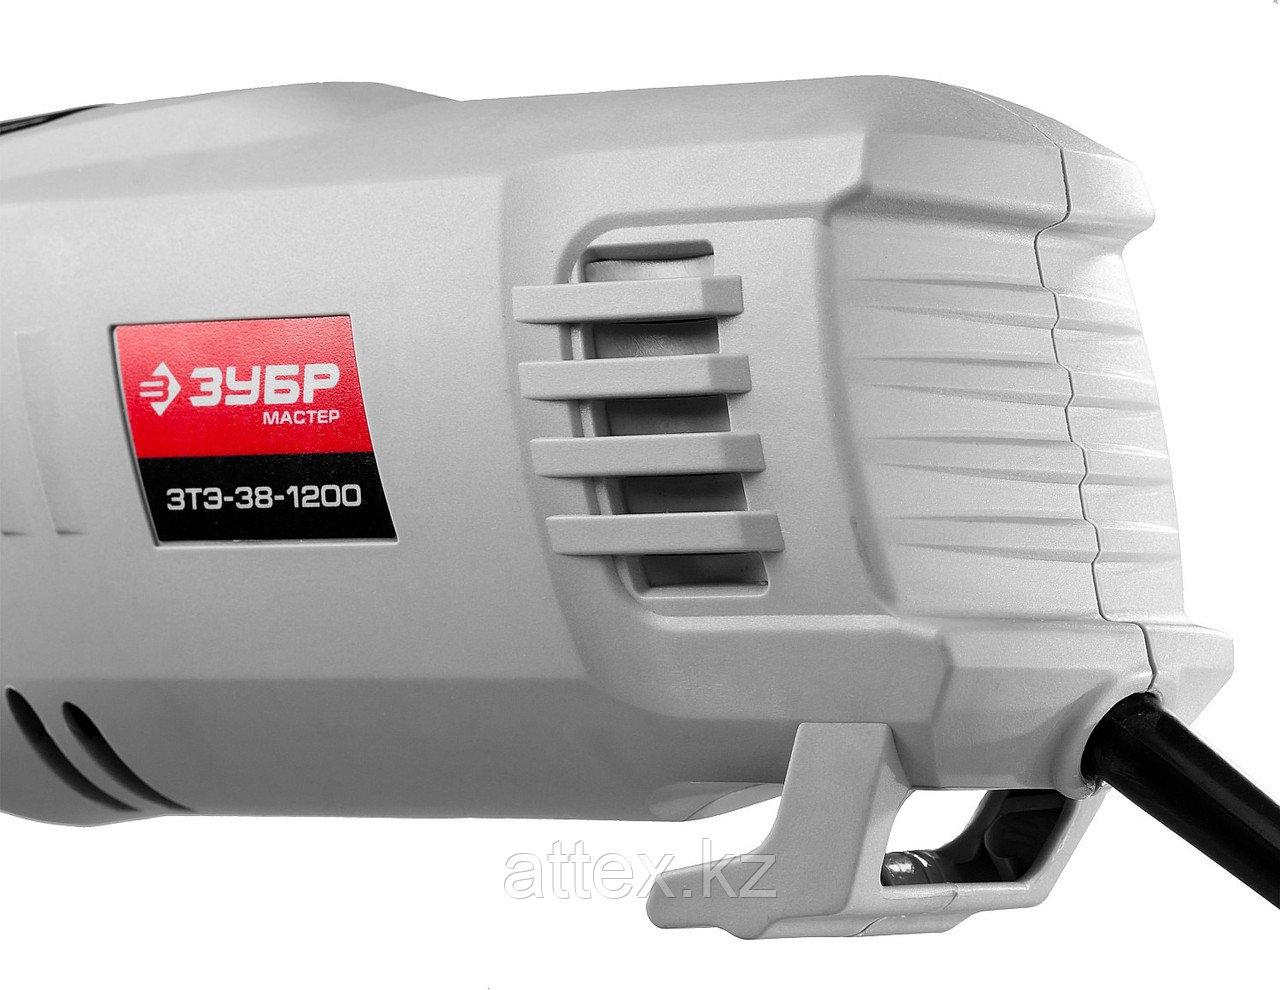 Триммер ЗУБР электрический, с верх двигателем, ш/с 380мм, леска 5*2мм, полуавтомат, 1200Вт ЗТЭ-38-1200 - фото 8